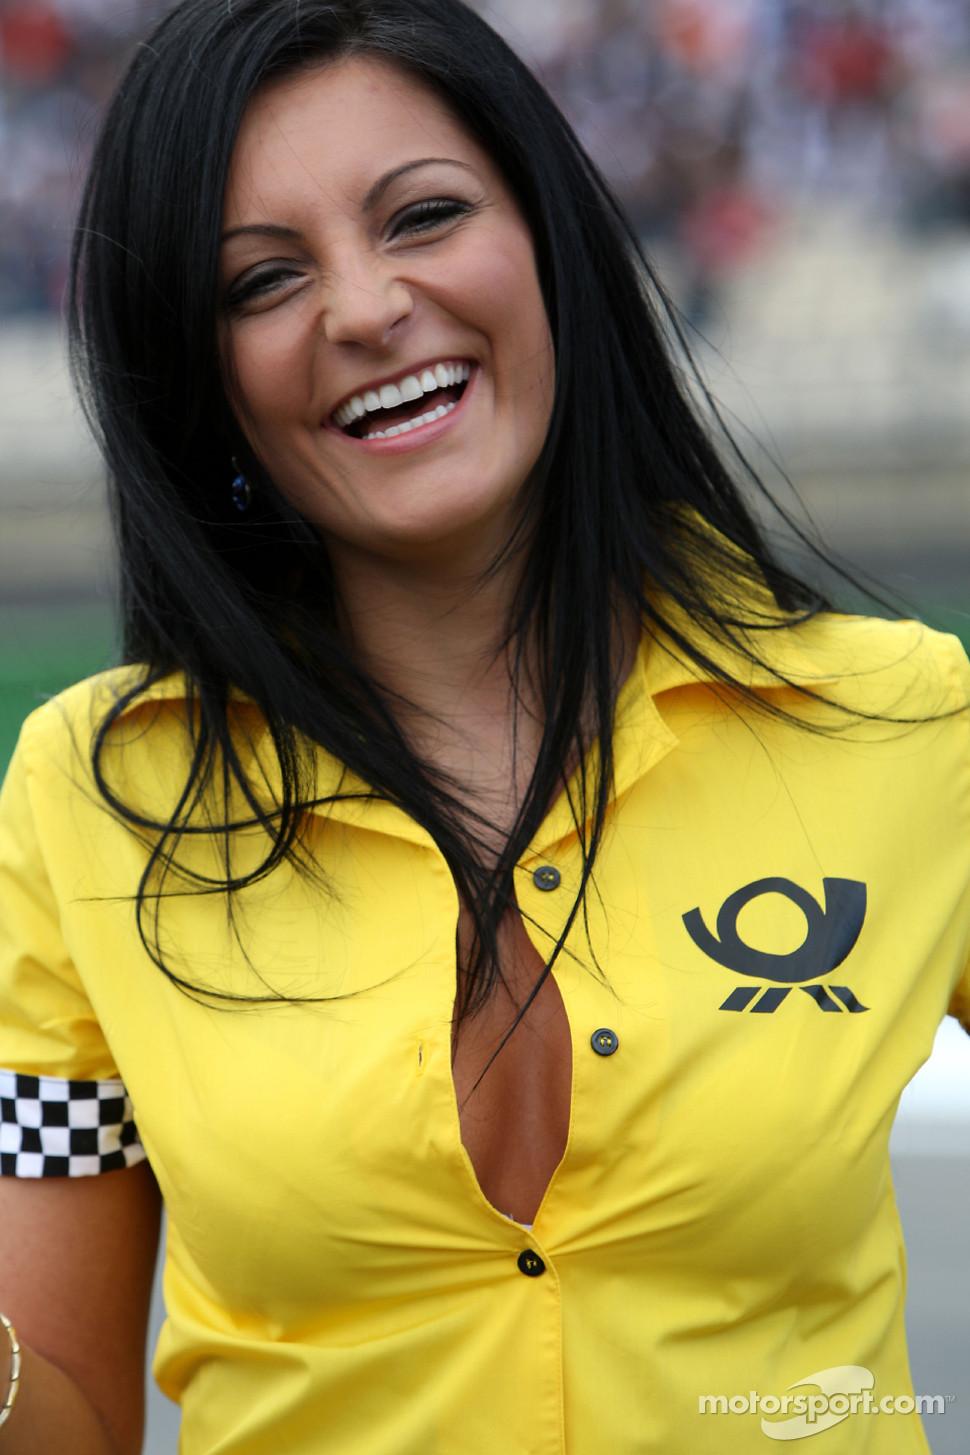 Deutsche Post grid girl buttoned up her shirt